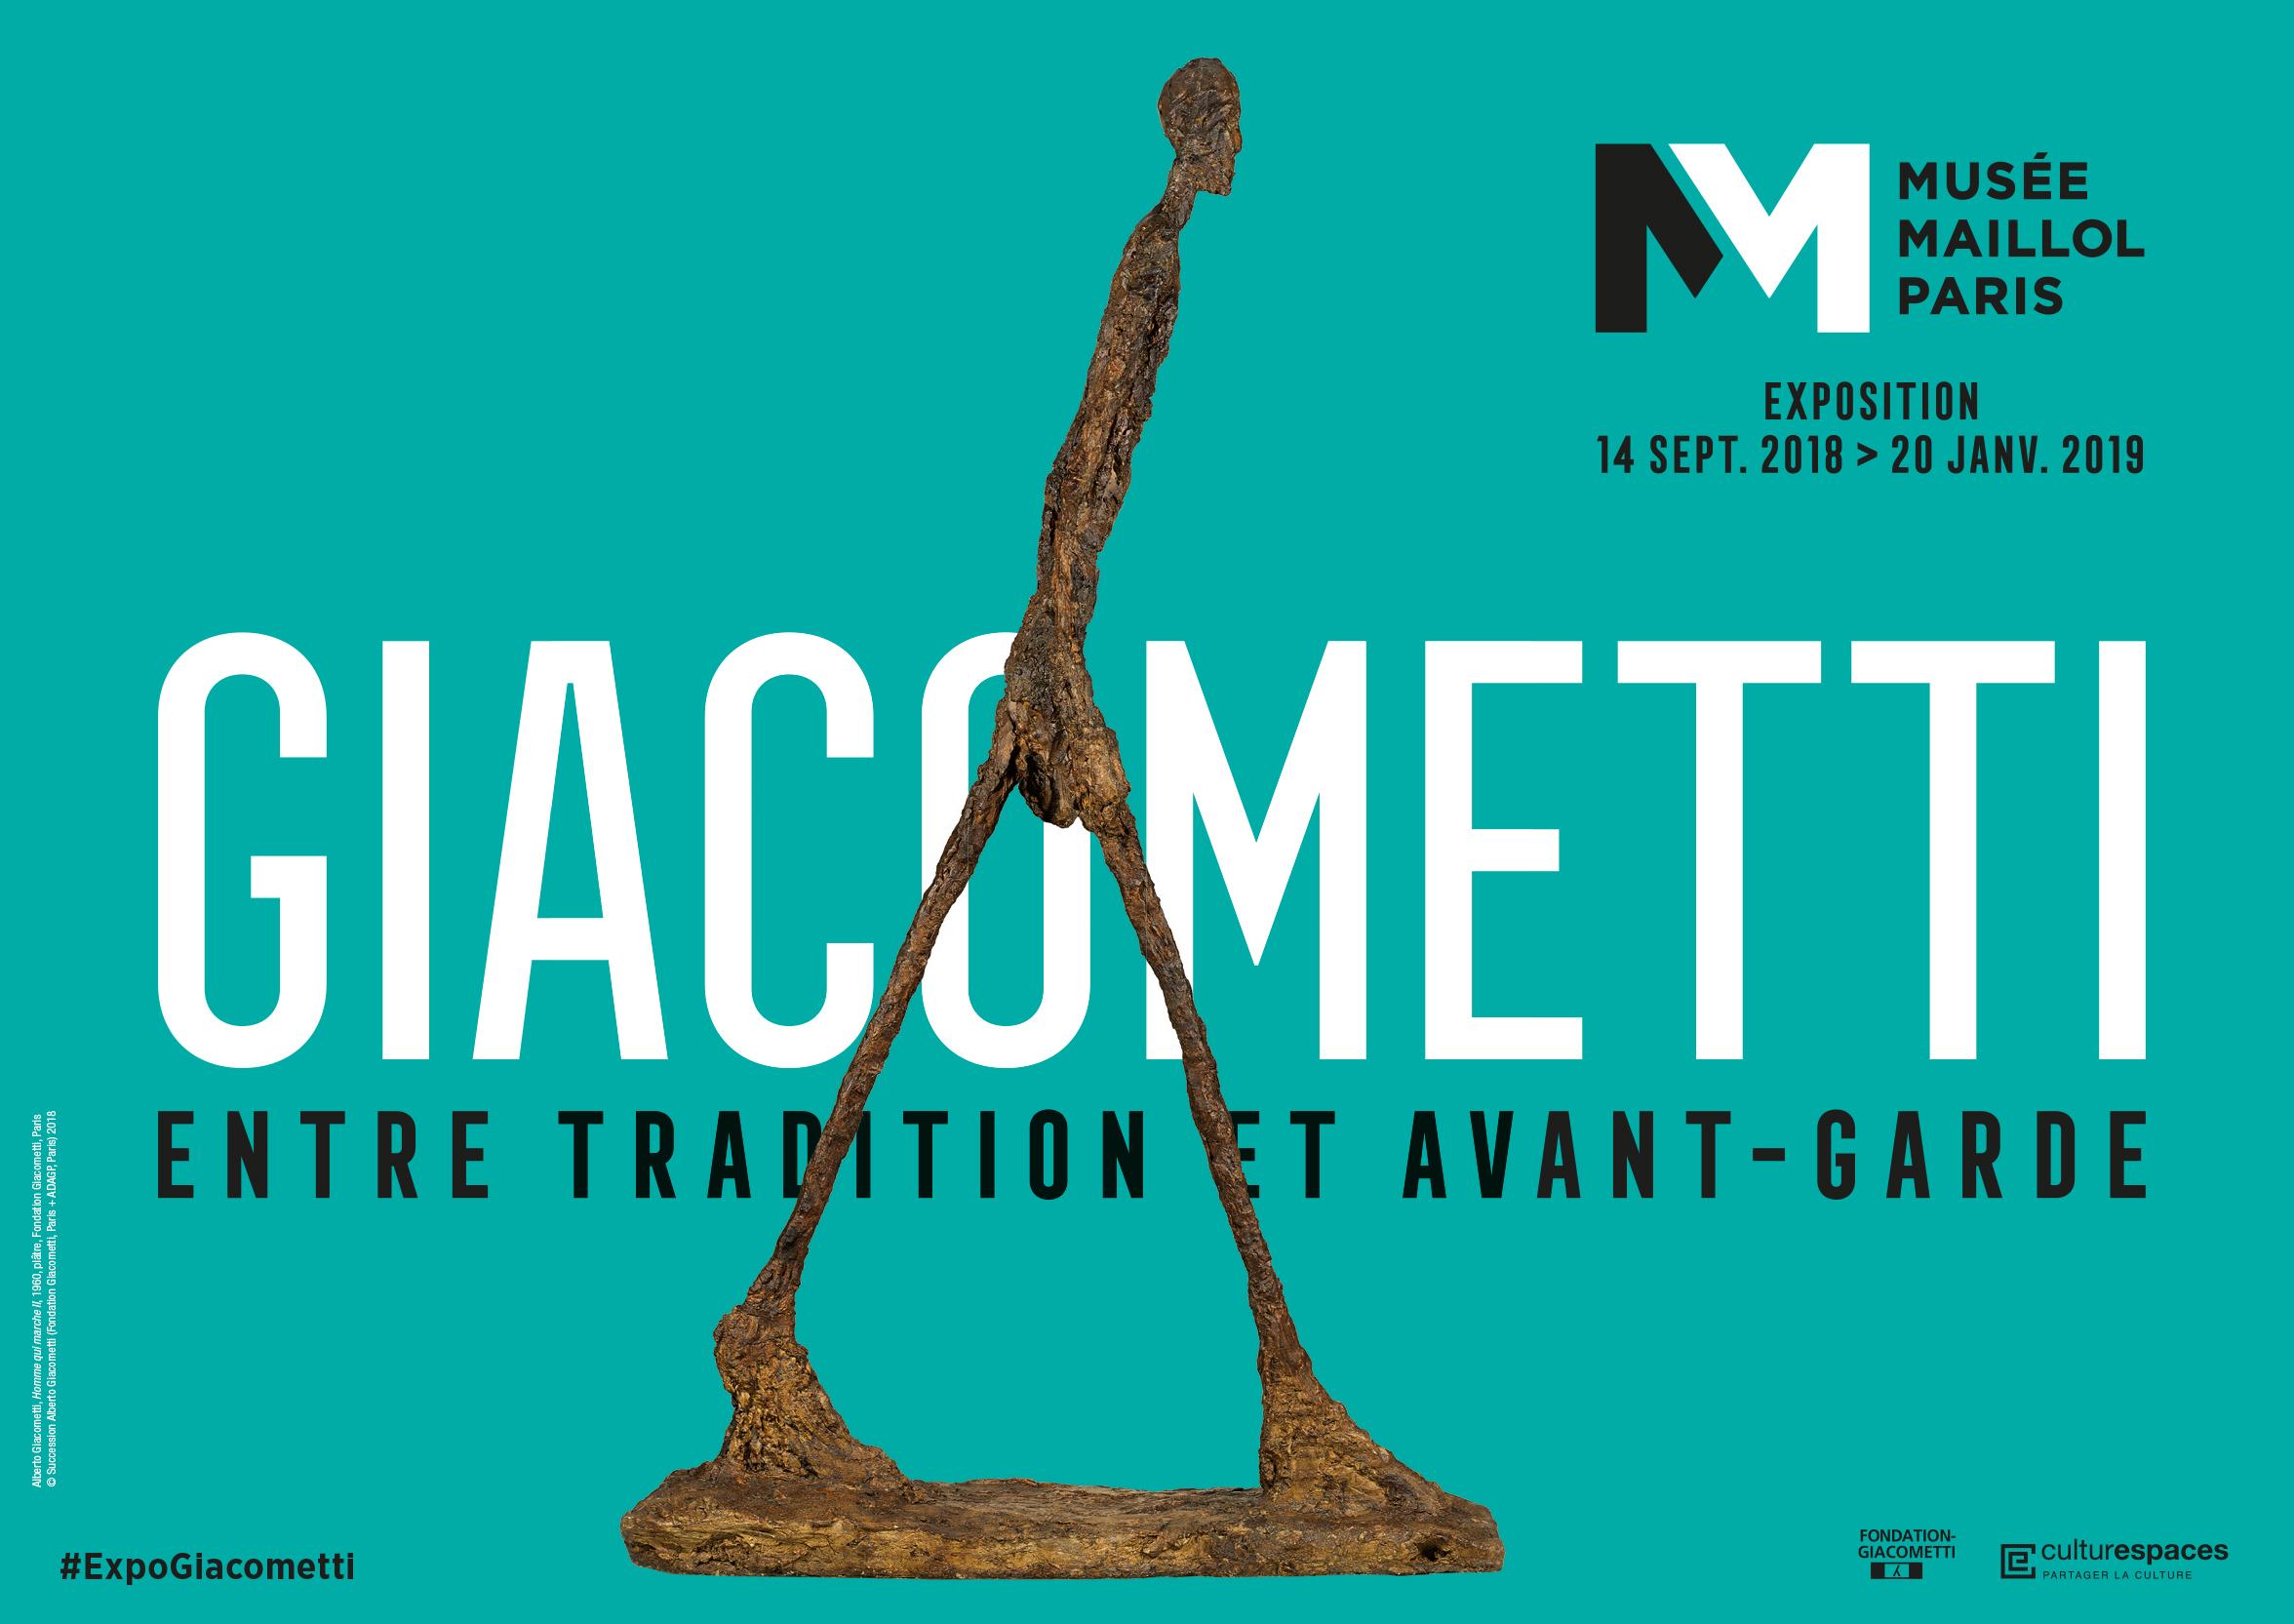 Alberto Giacometti%252C Homme qui marche II%252C 1960%252C plâtre%252C Fondation Giacometti%252C Paris Succession Alberto Giacometti (Fondation Giacometti%252C Paris + ADAGP%252C Paris)%252C 2018